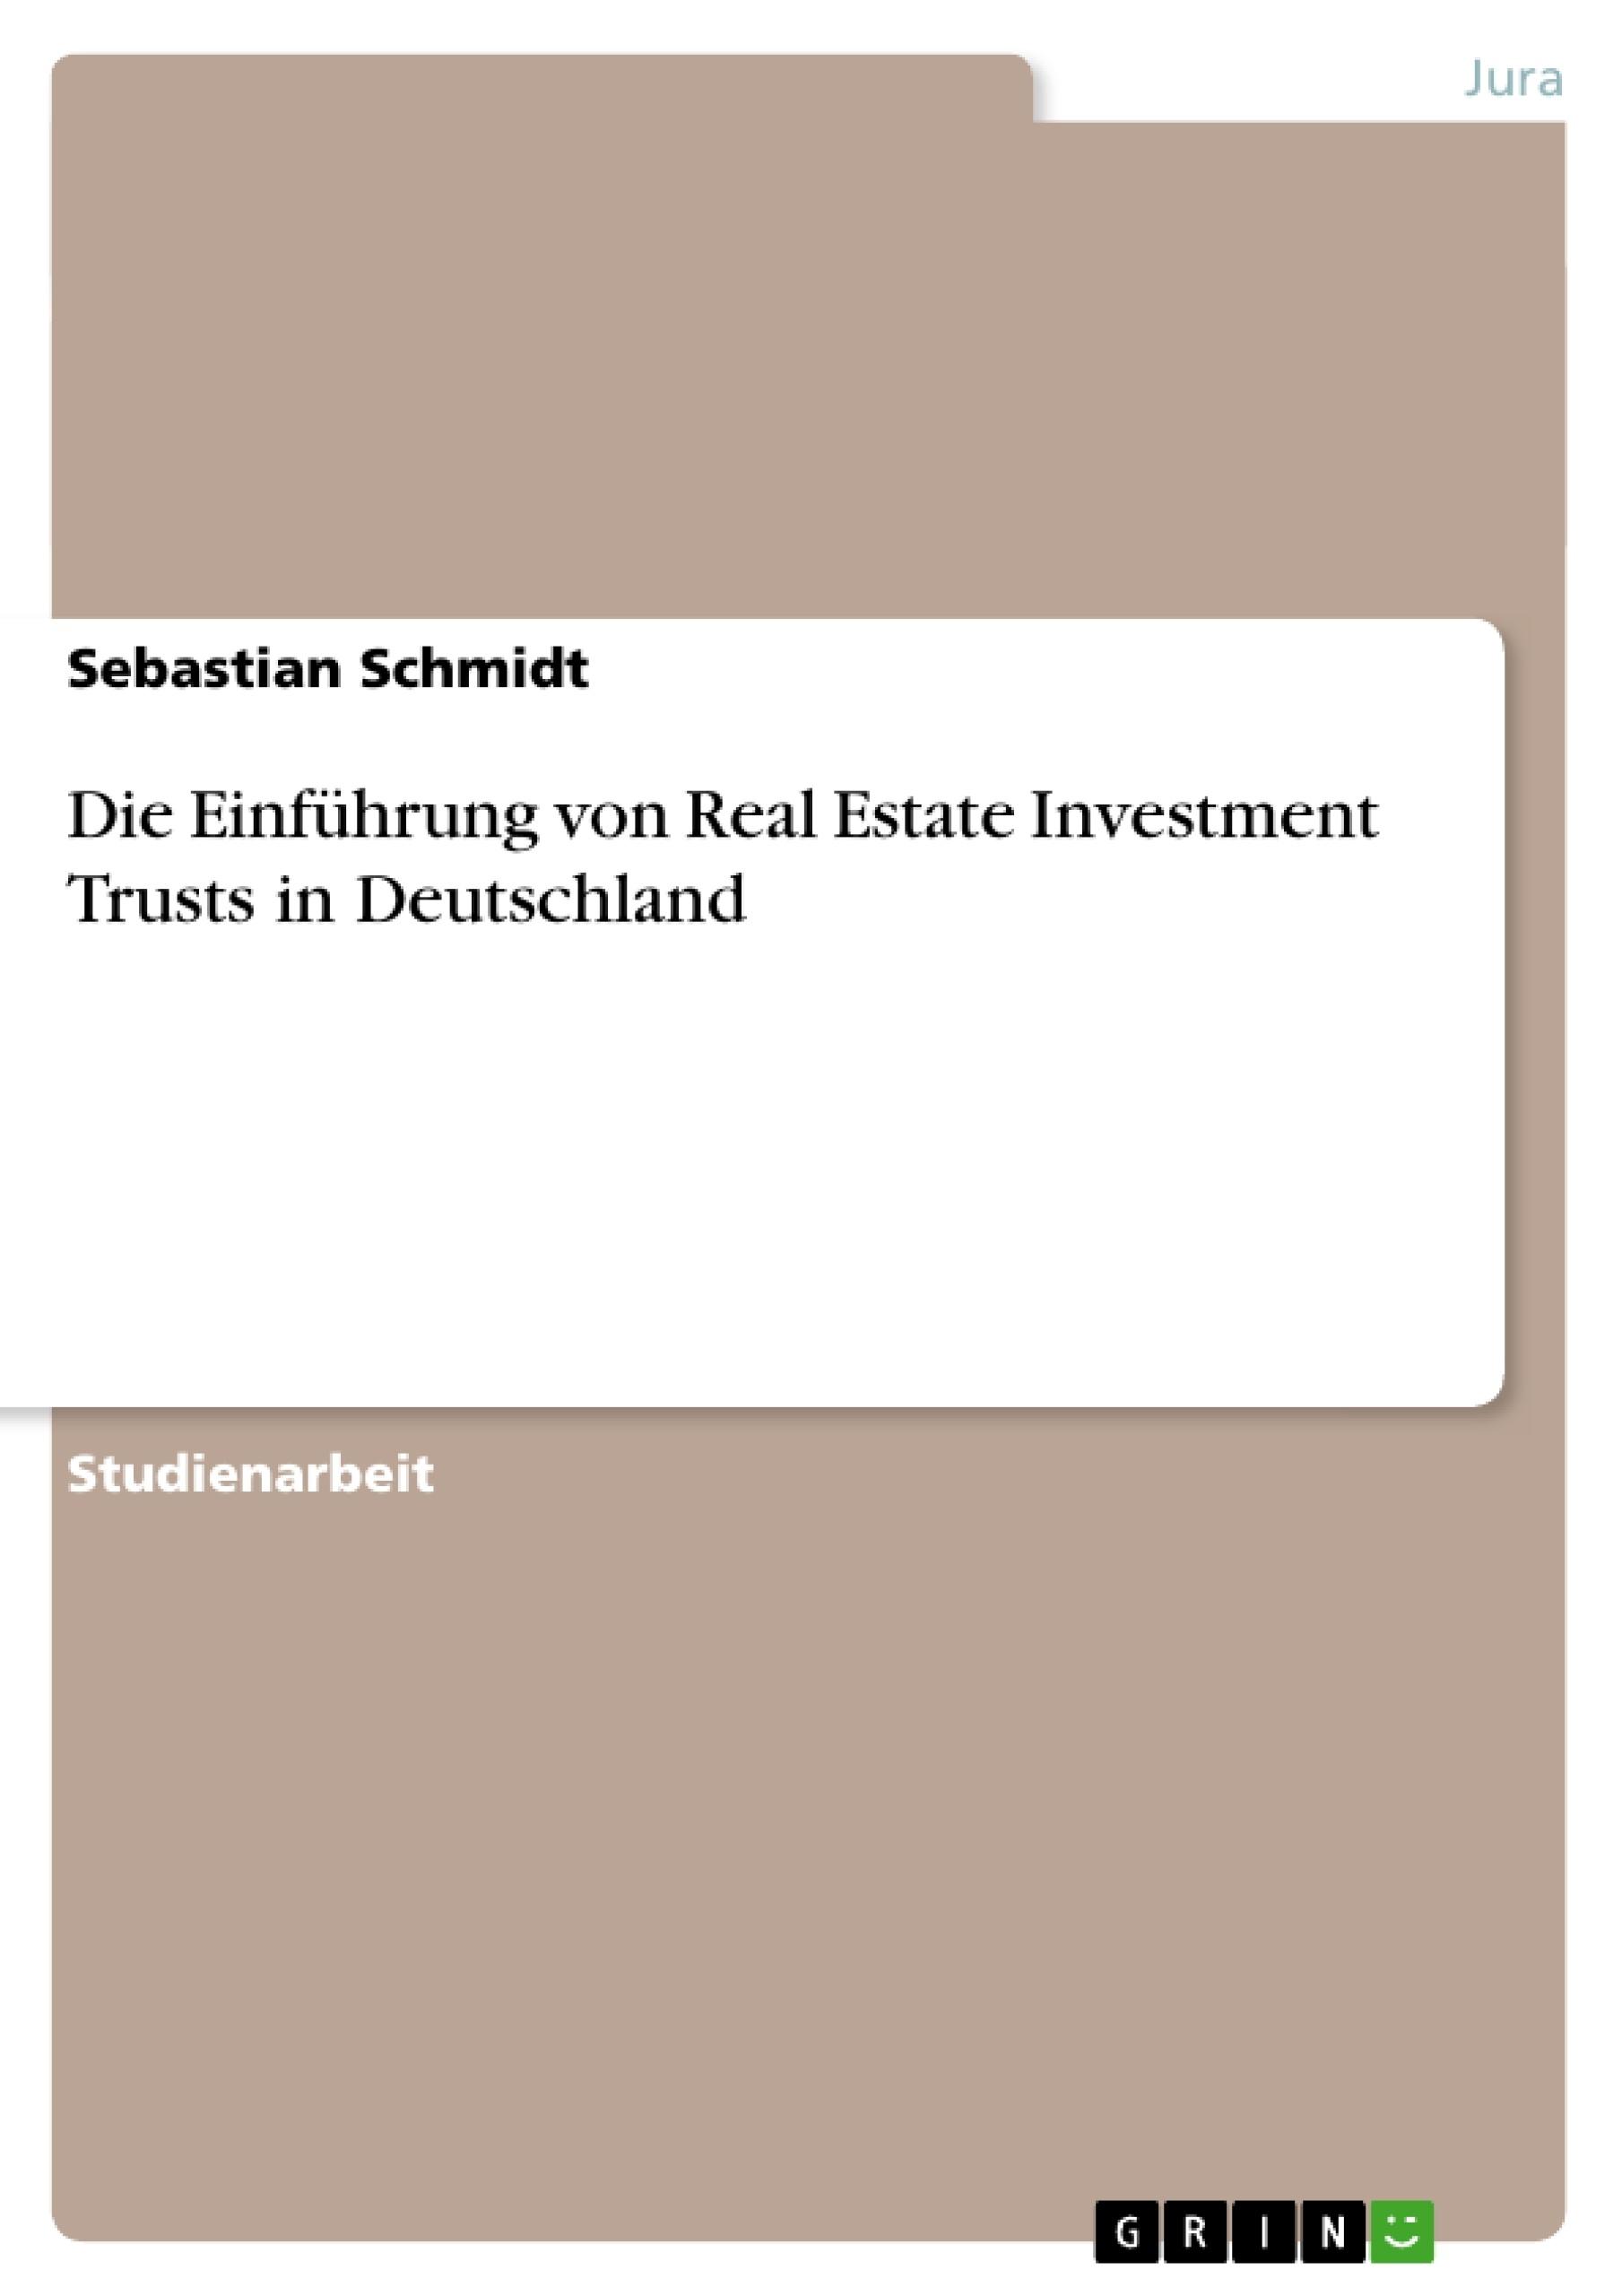 Titel: Die Einführung von Real Estate Investment Trusts in Deutschland